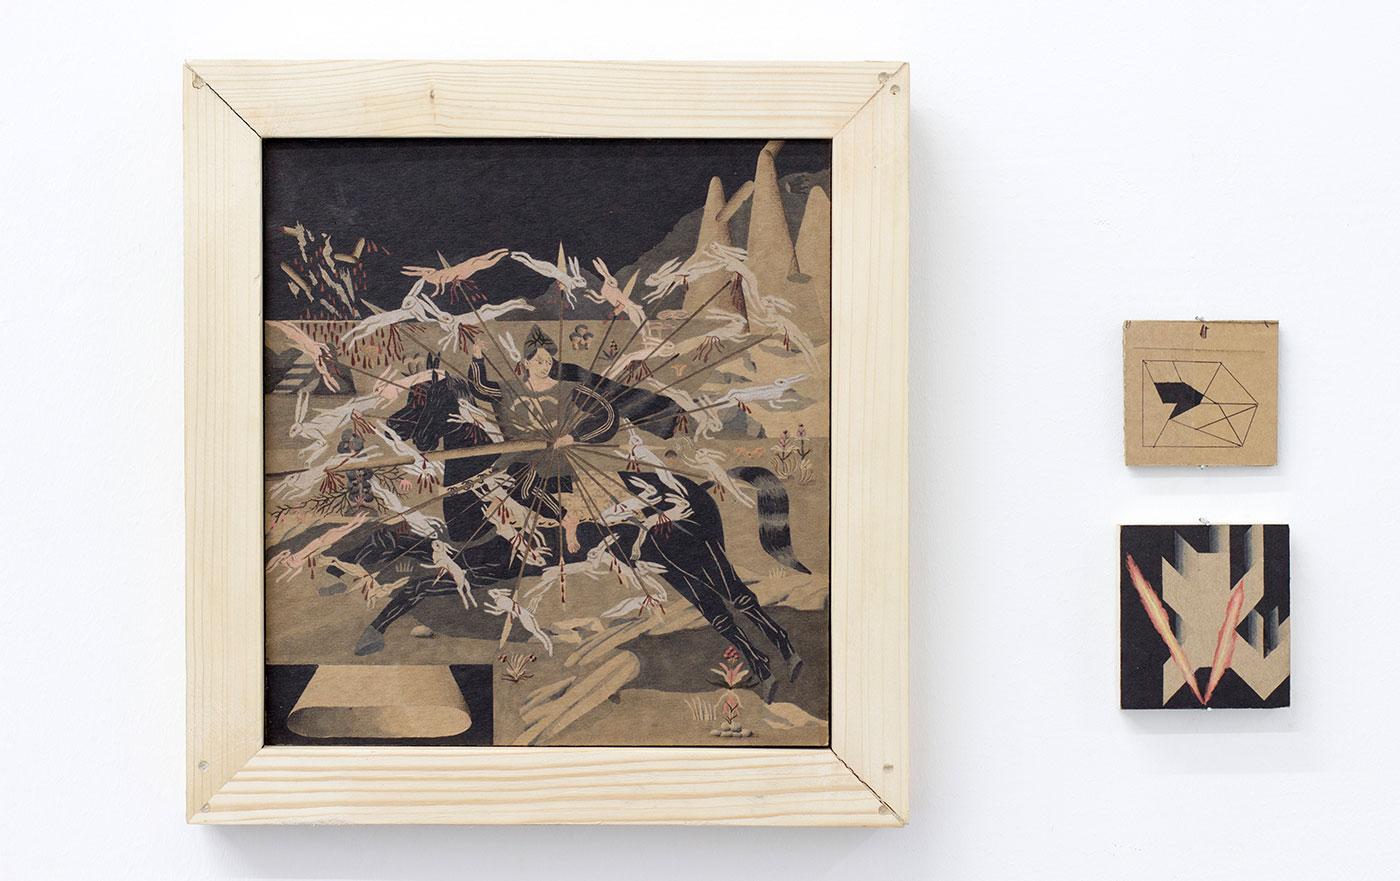 Georg_pinteritsch_exhibition-view-2_2019_bb15